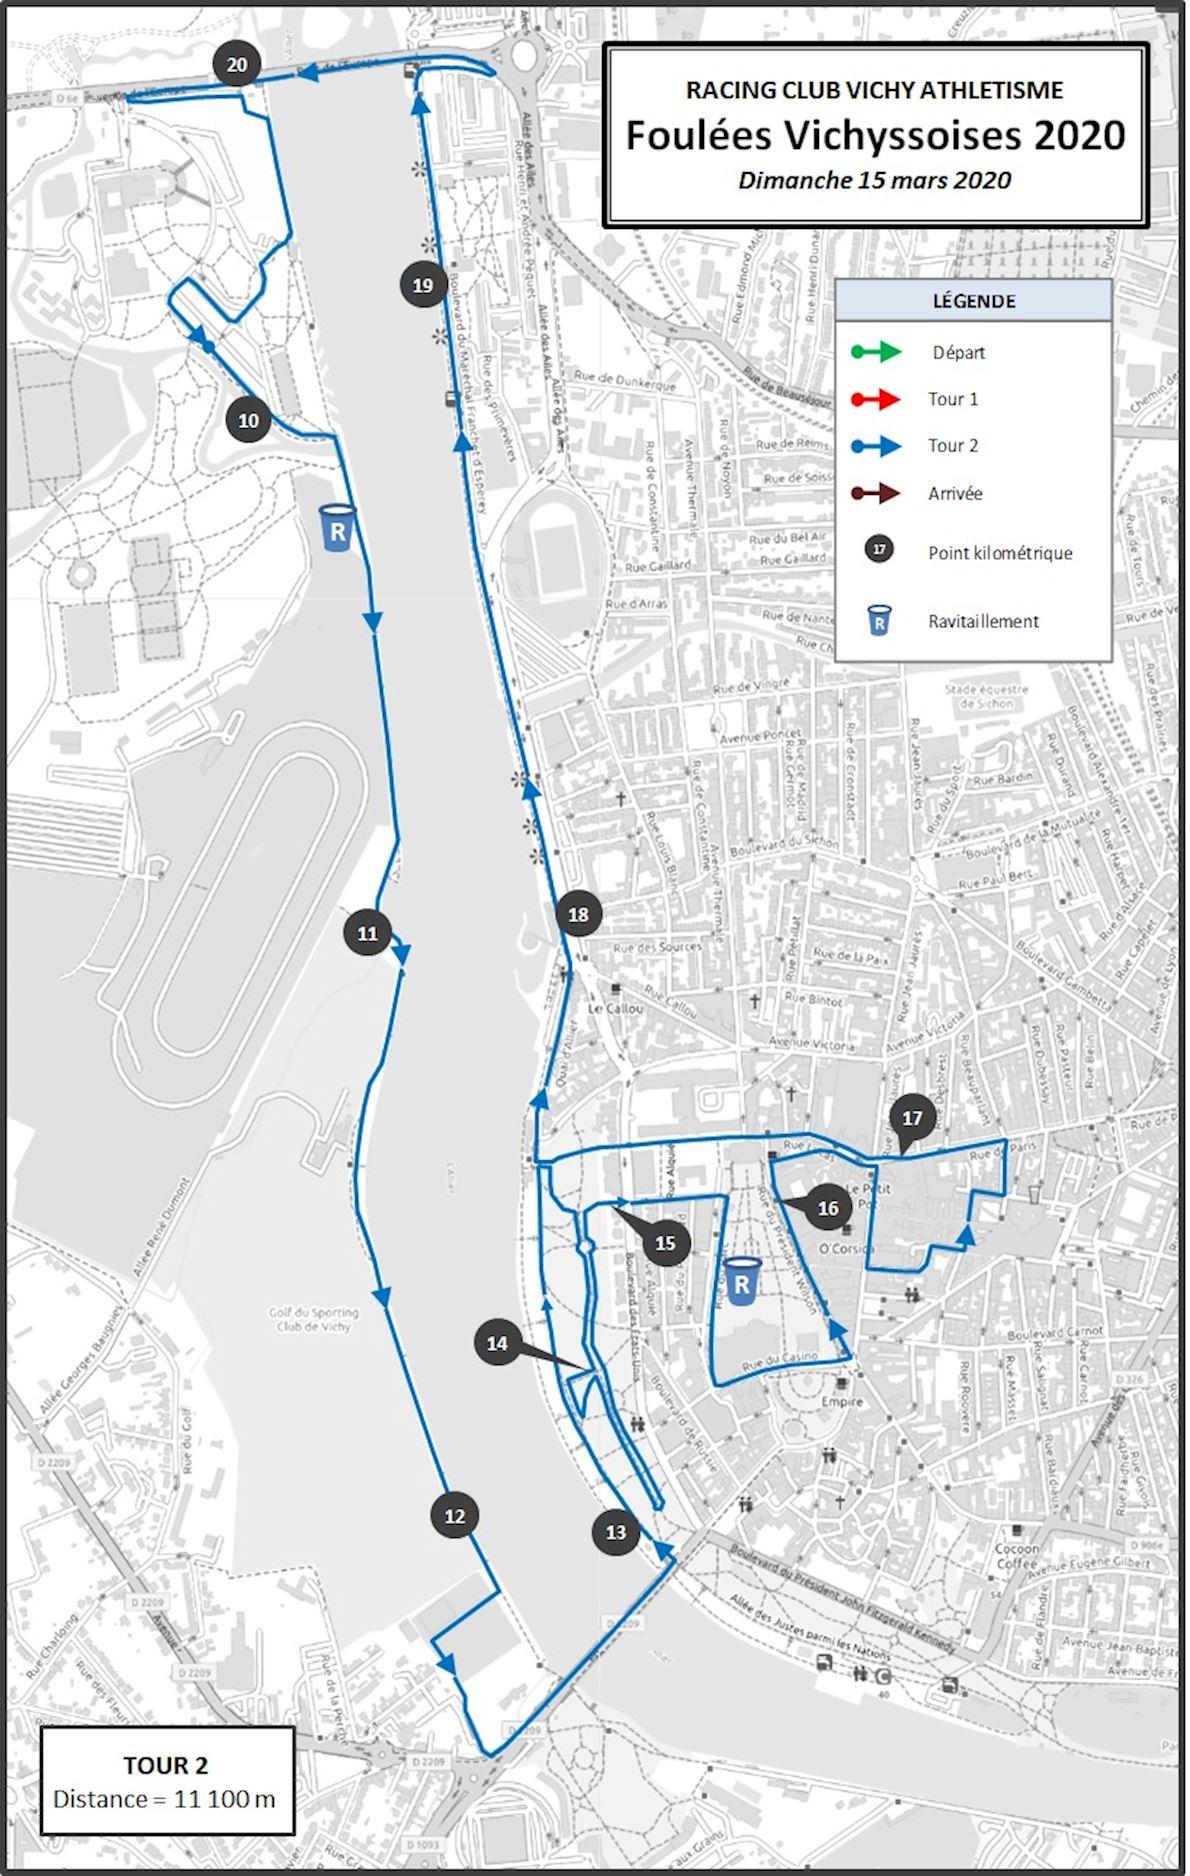 Les Foulées Vichyssoises Route Map